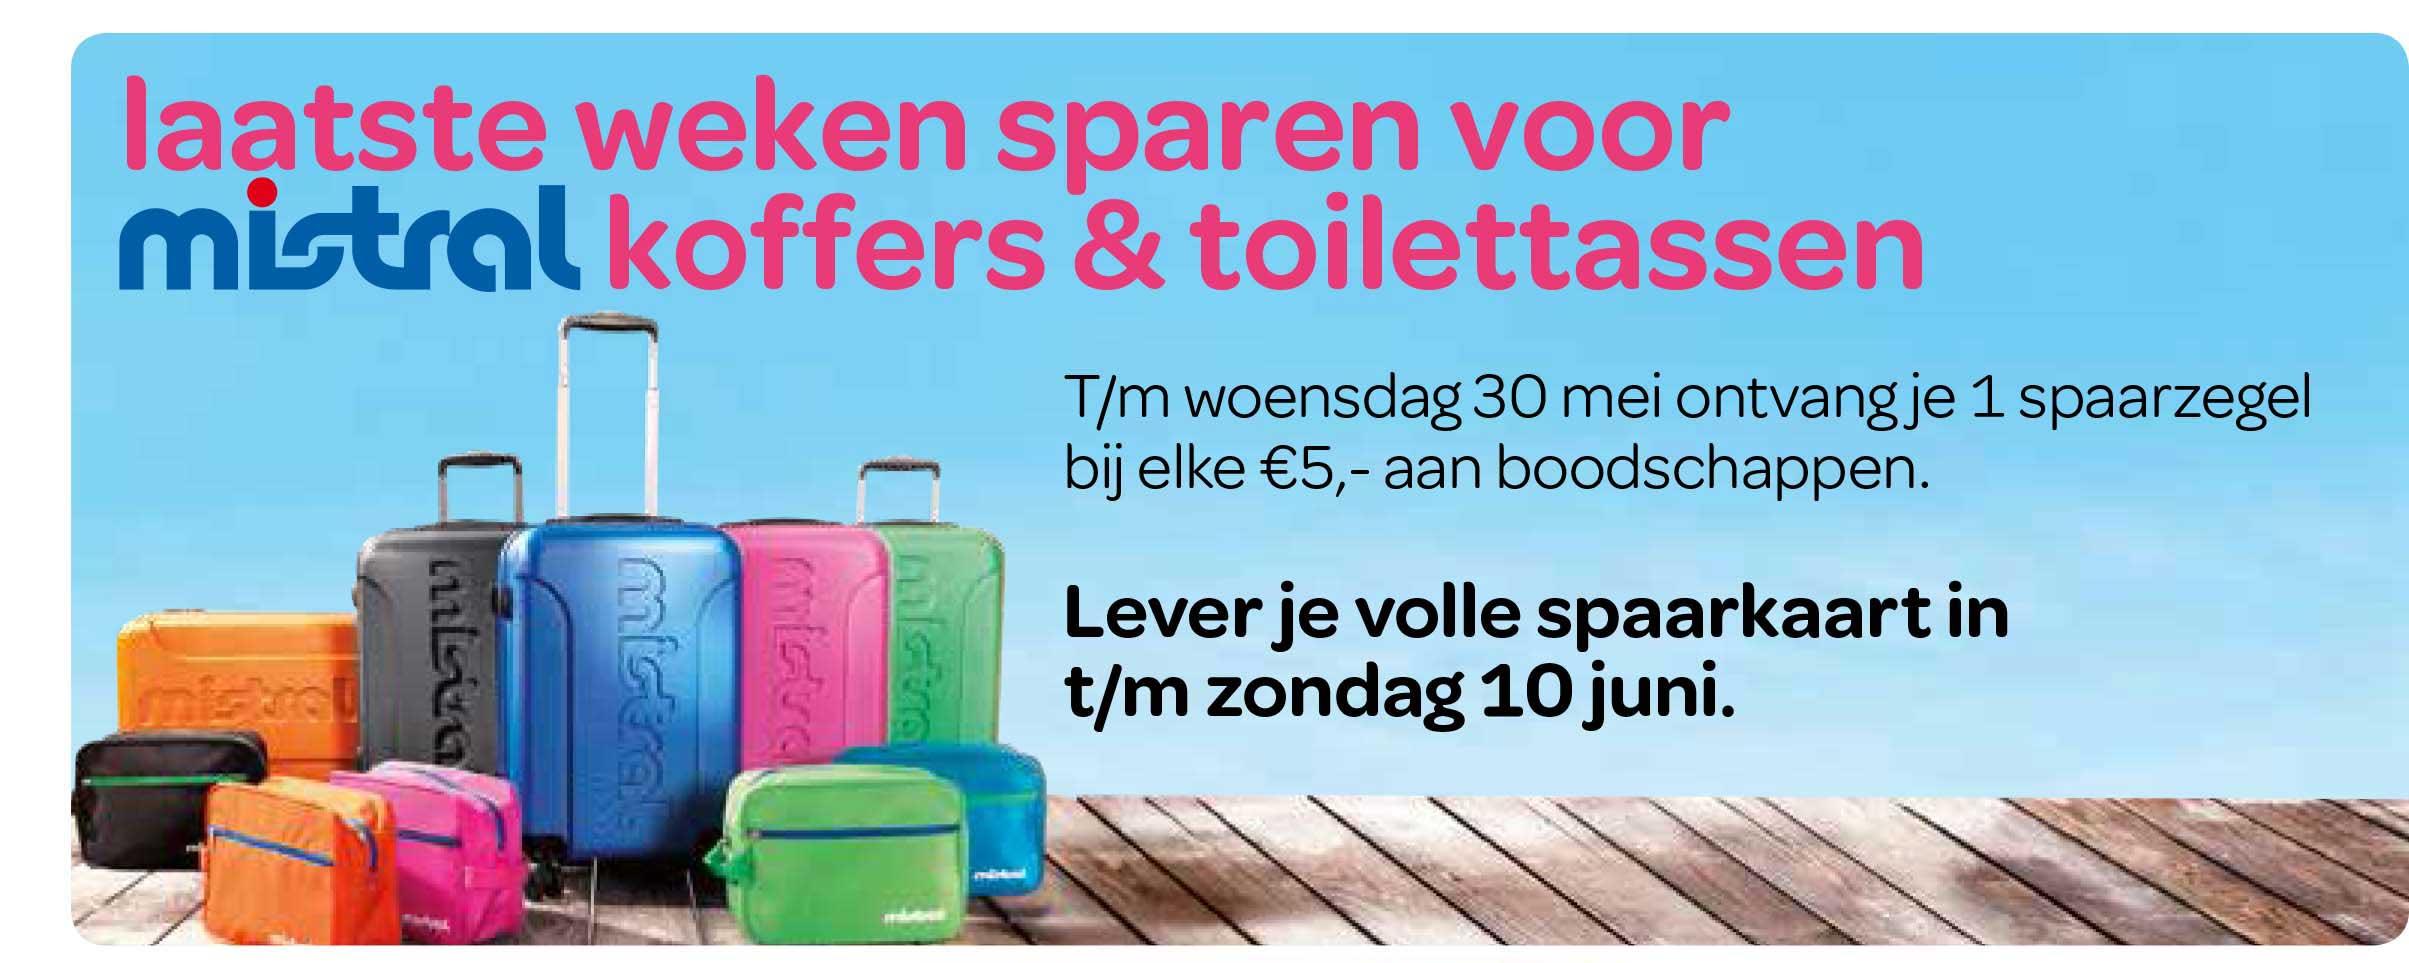 Spar Laatste Weken Sparen Voor Mistral Koffers & Toilettassen